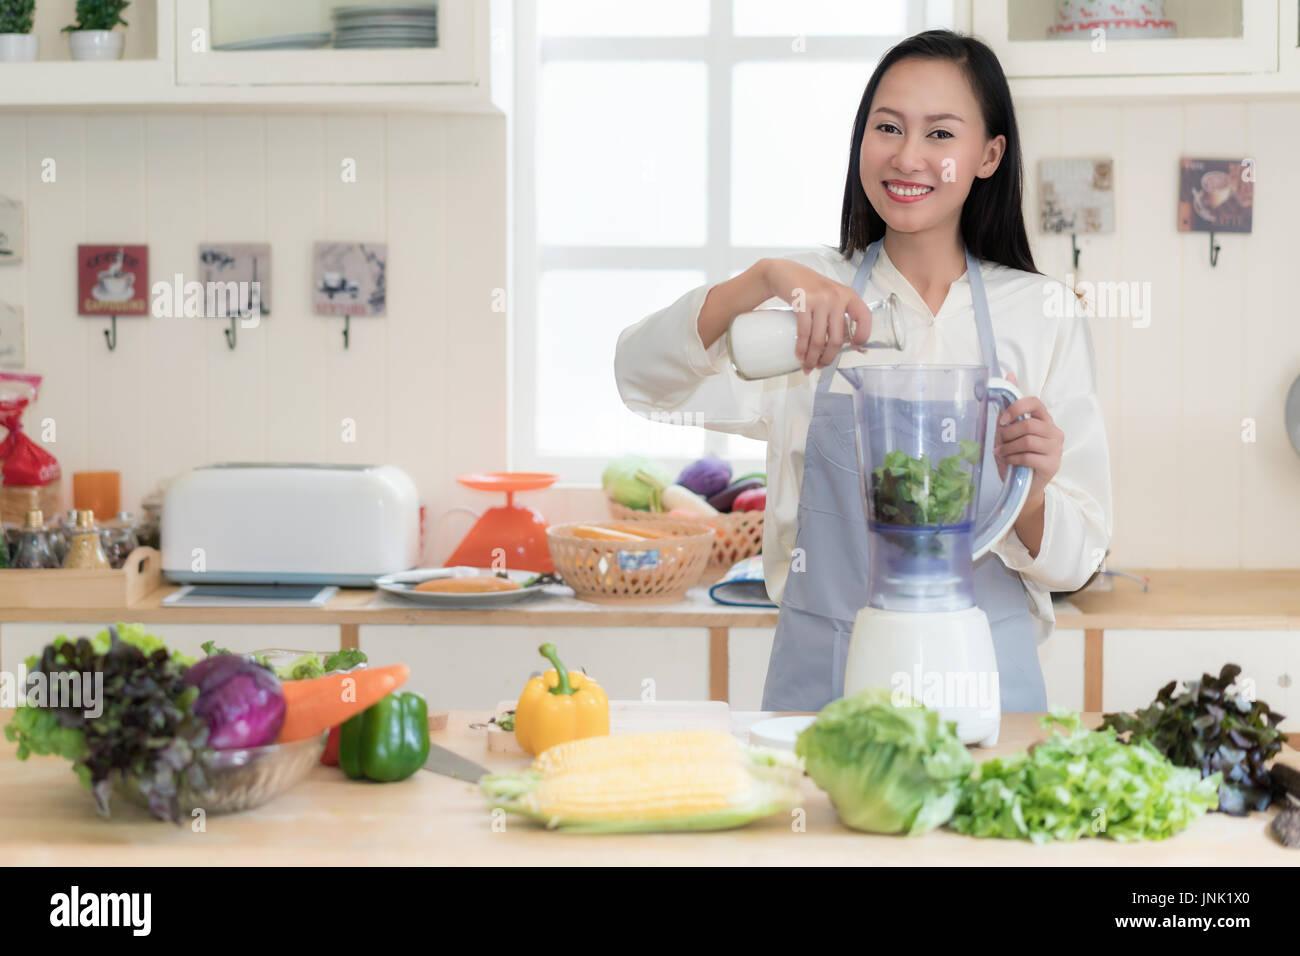 Batido de vegetales. Mujer Asiática hacer batidos verdes con Blender de casa en la cocina. Concepto de estilo de vida saludable comer crudo retrato de la hermosa joven Imagen De Stock